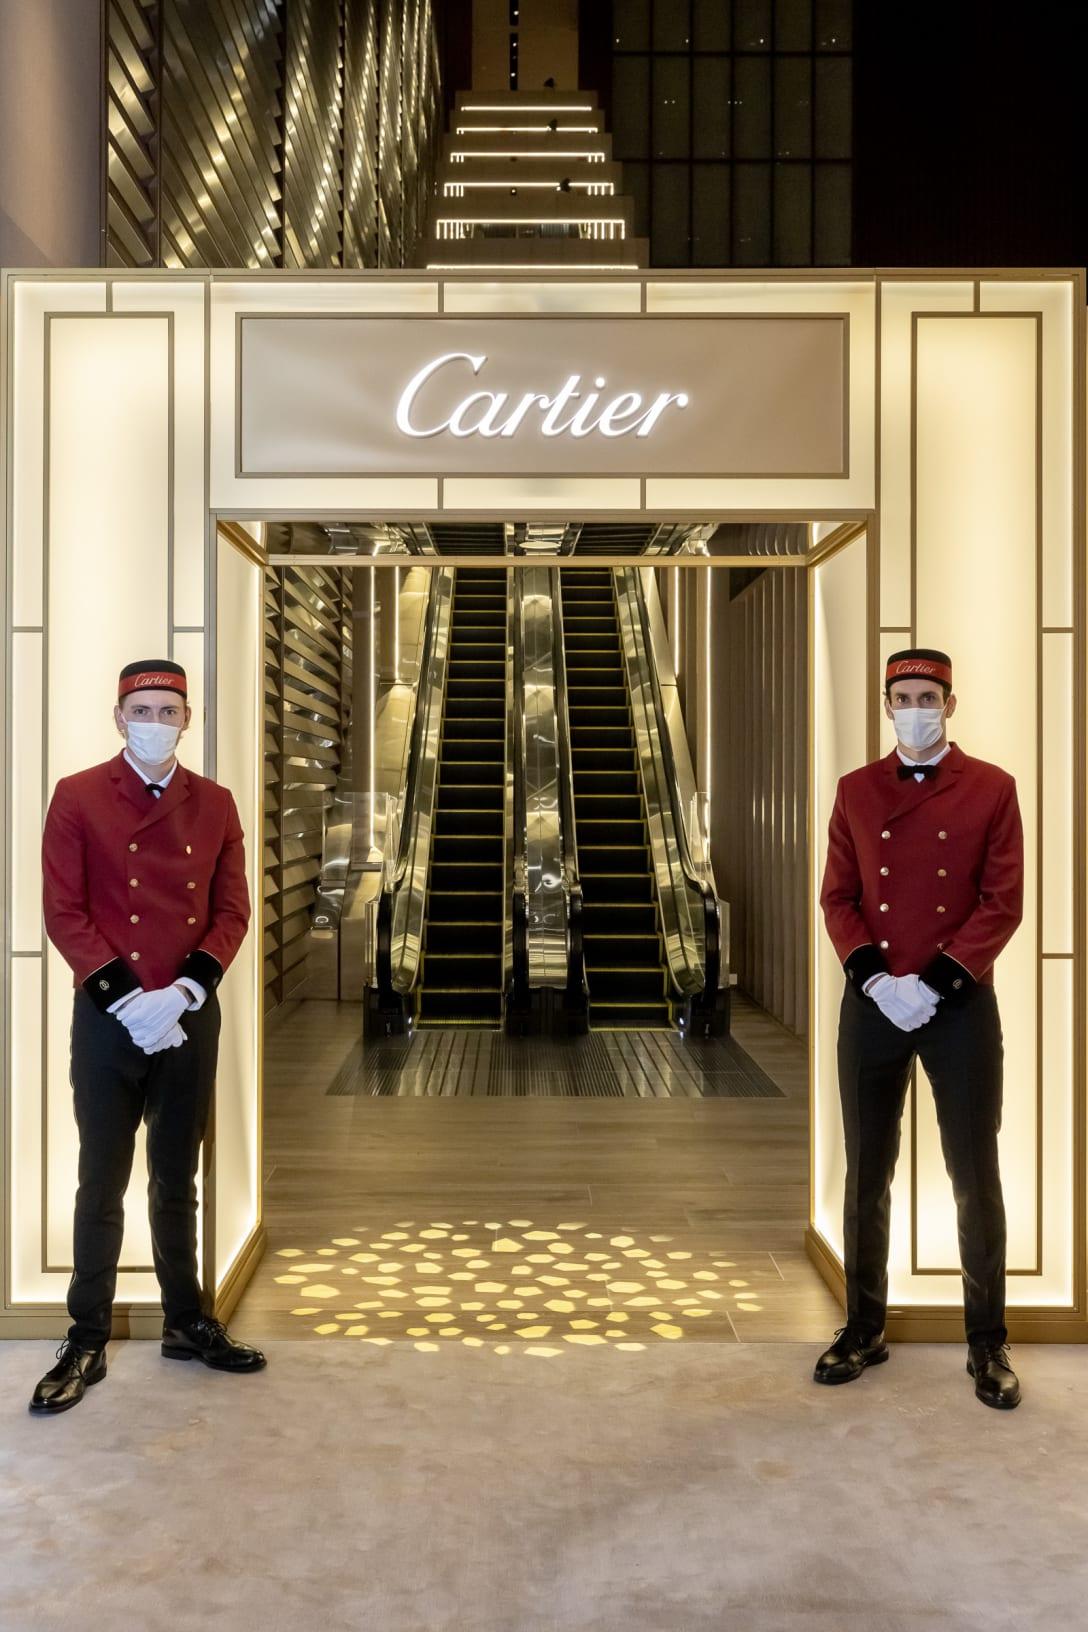 Cartier Salon エントランス